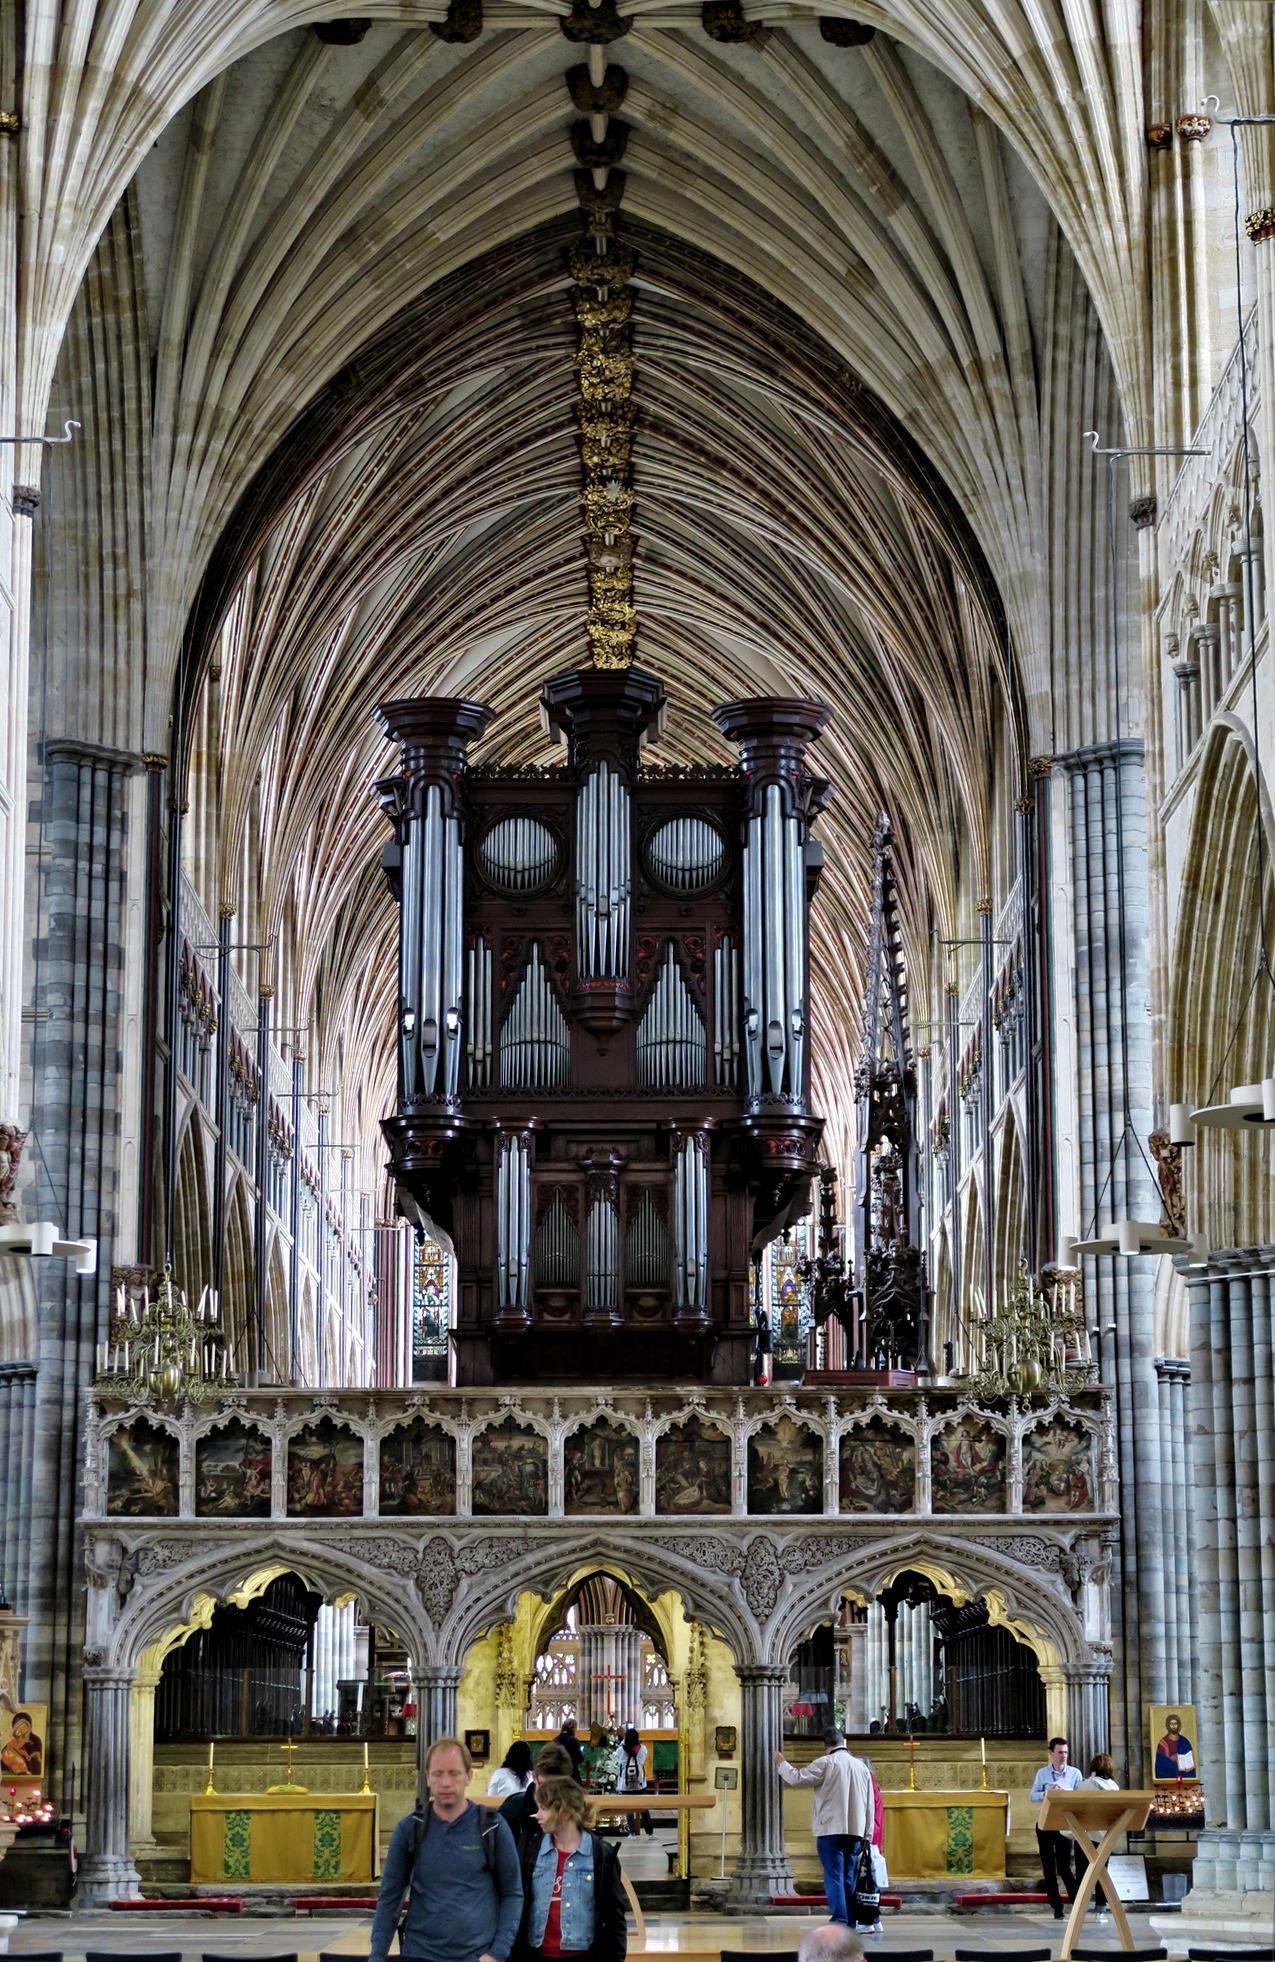 EXETER. Cathédrale : le Jubé et l'orgue